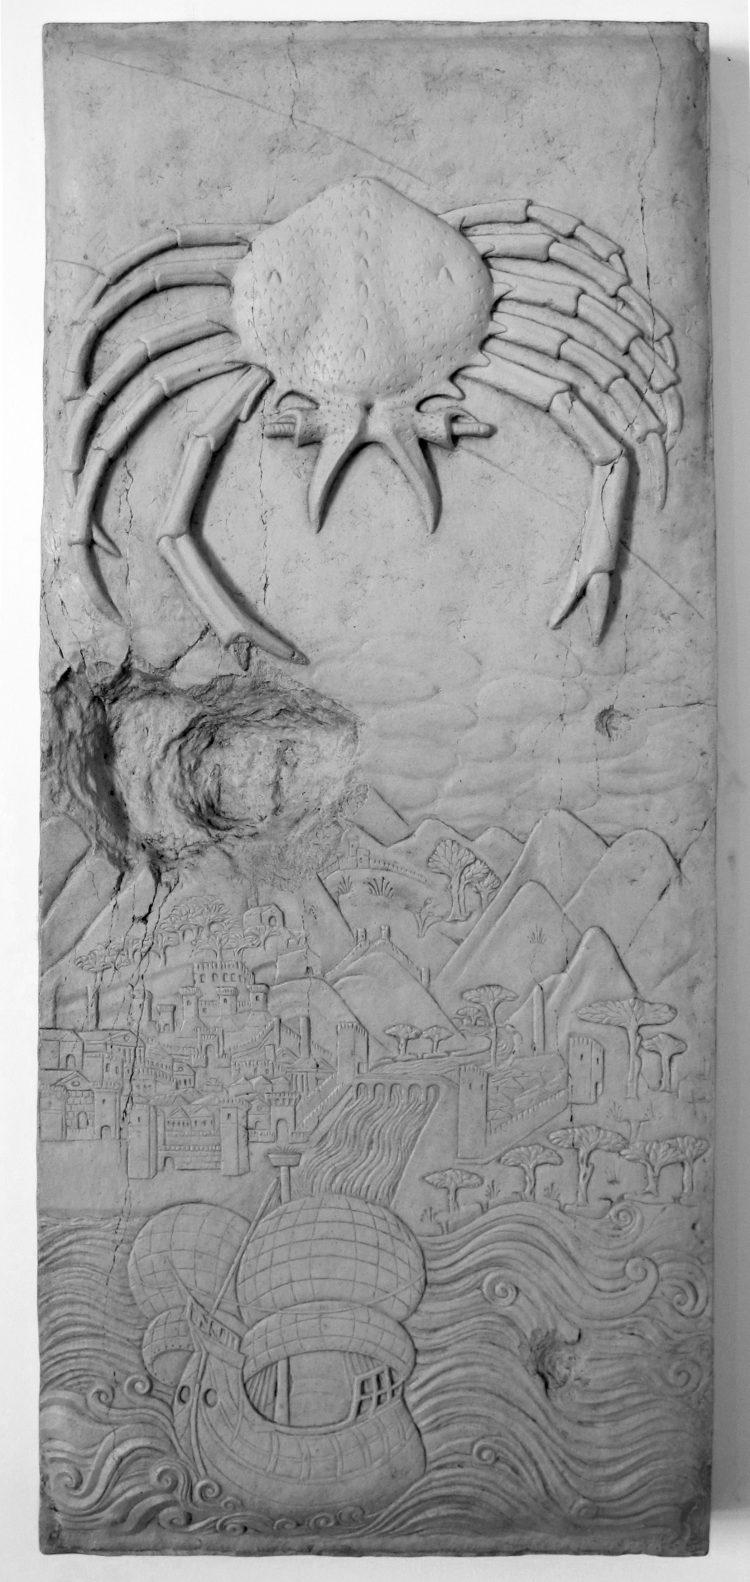 Bas-relief by Agostino di Duccio, Tempio Malatestiano, Rimini, ca. 1455